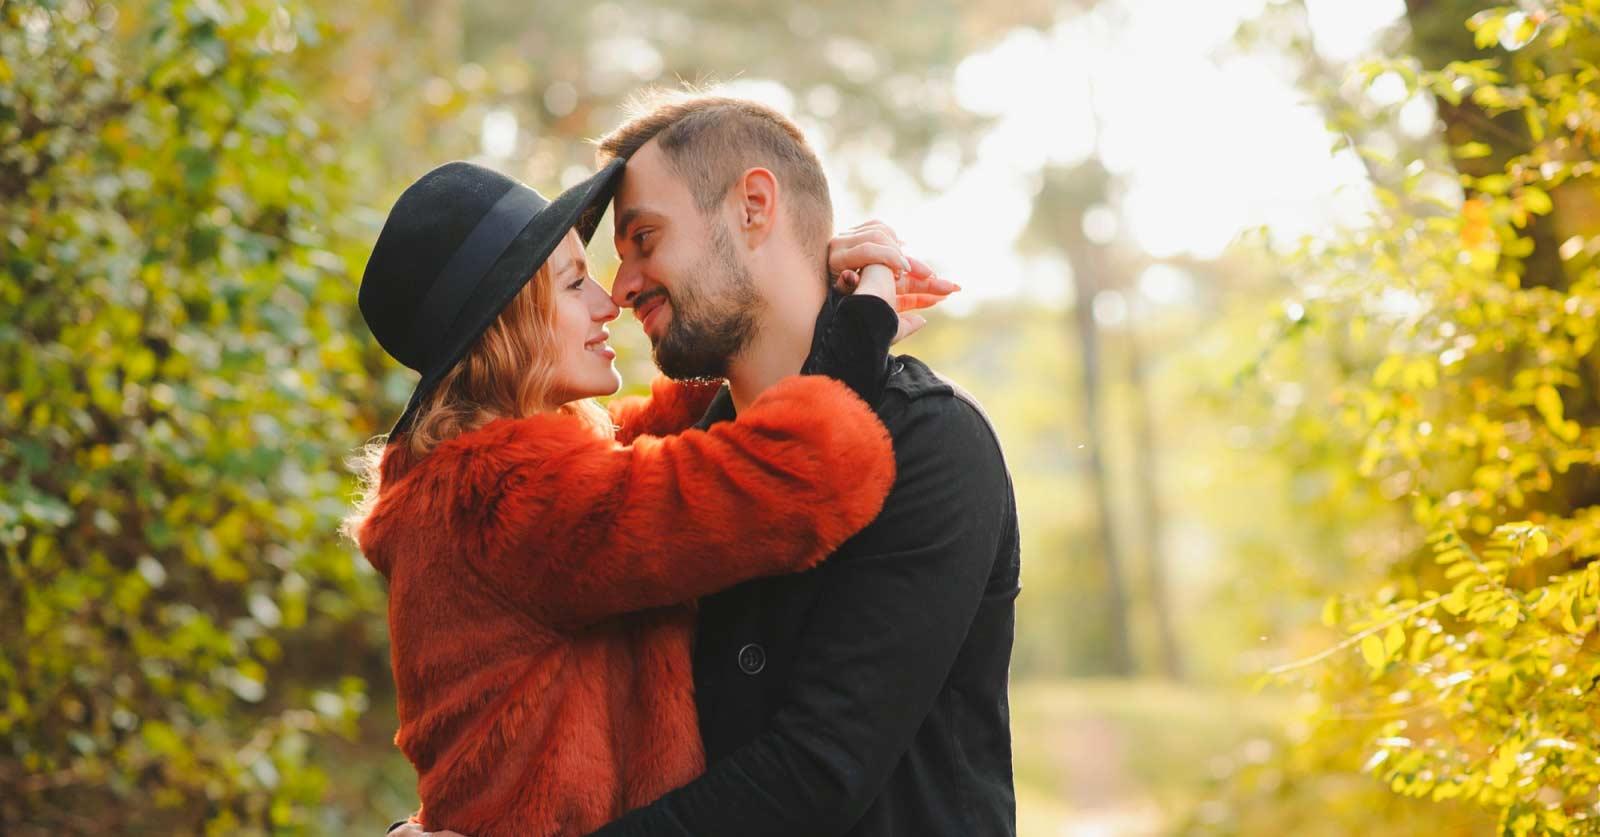 5 anni di matrimonio: il 1° vero anniversario da festeggiare